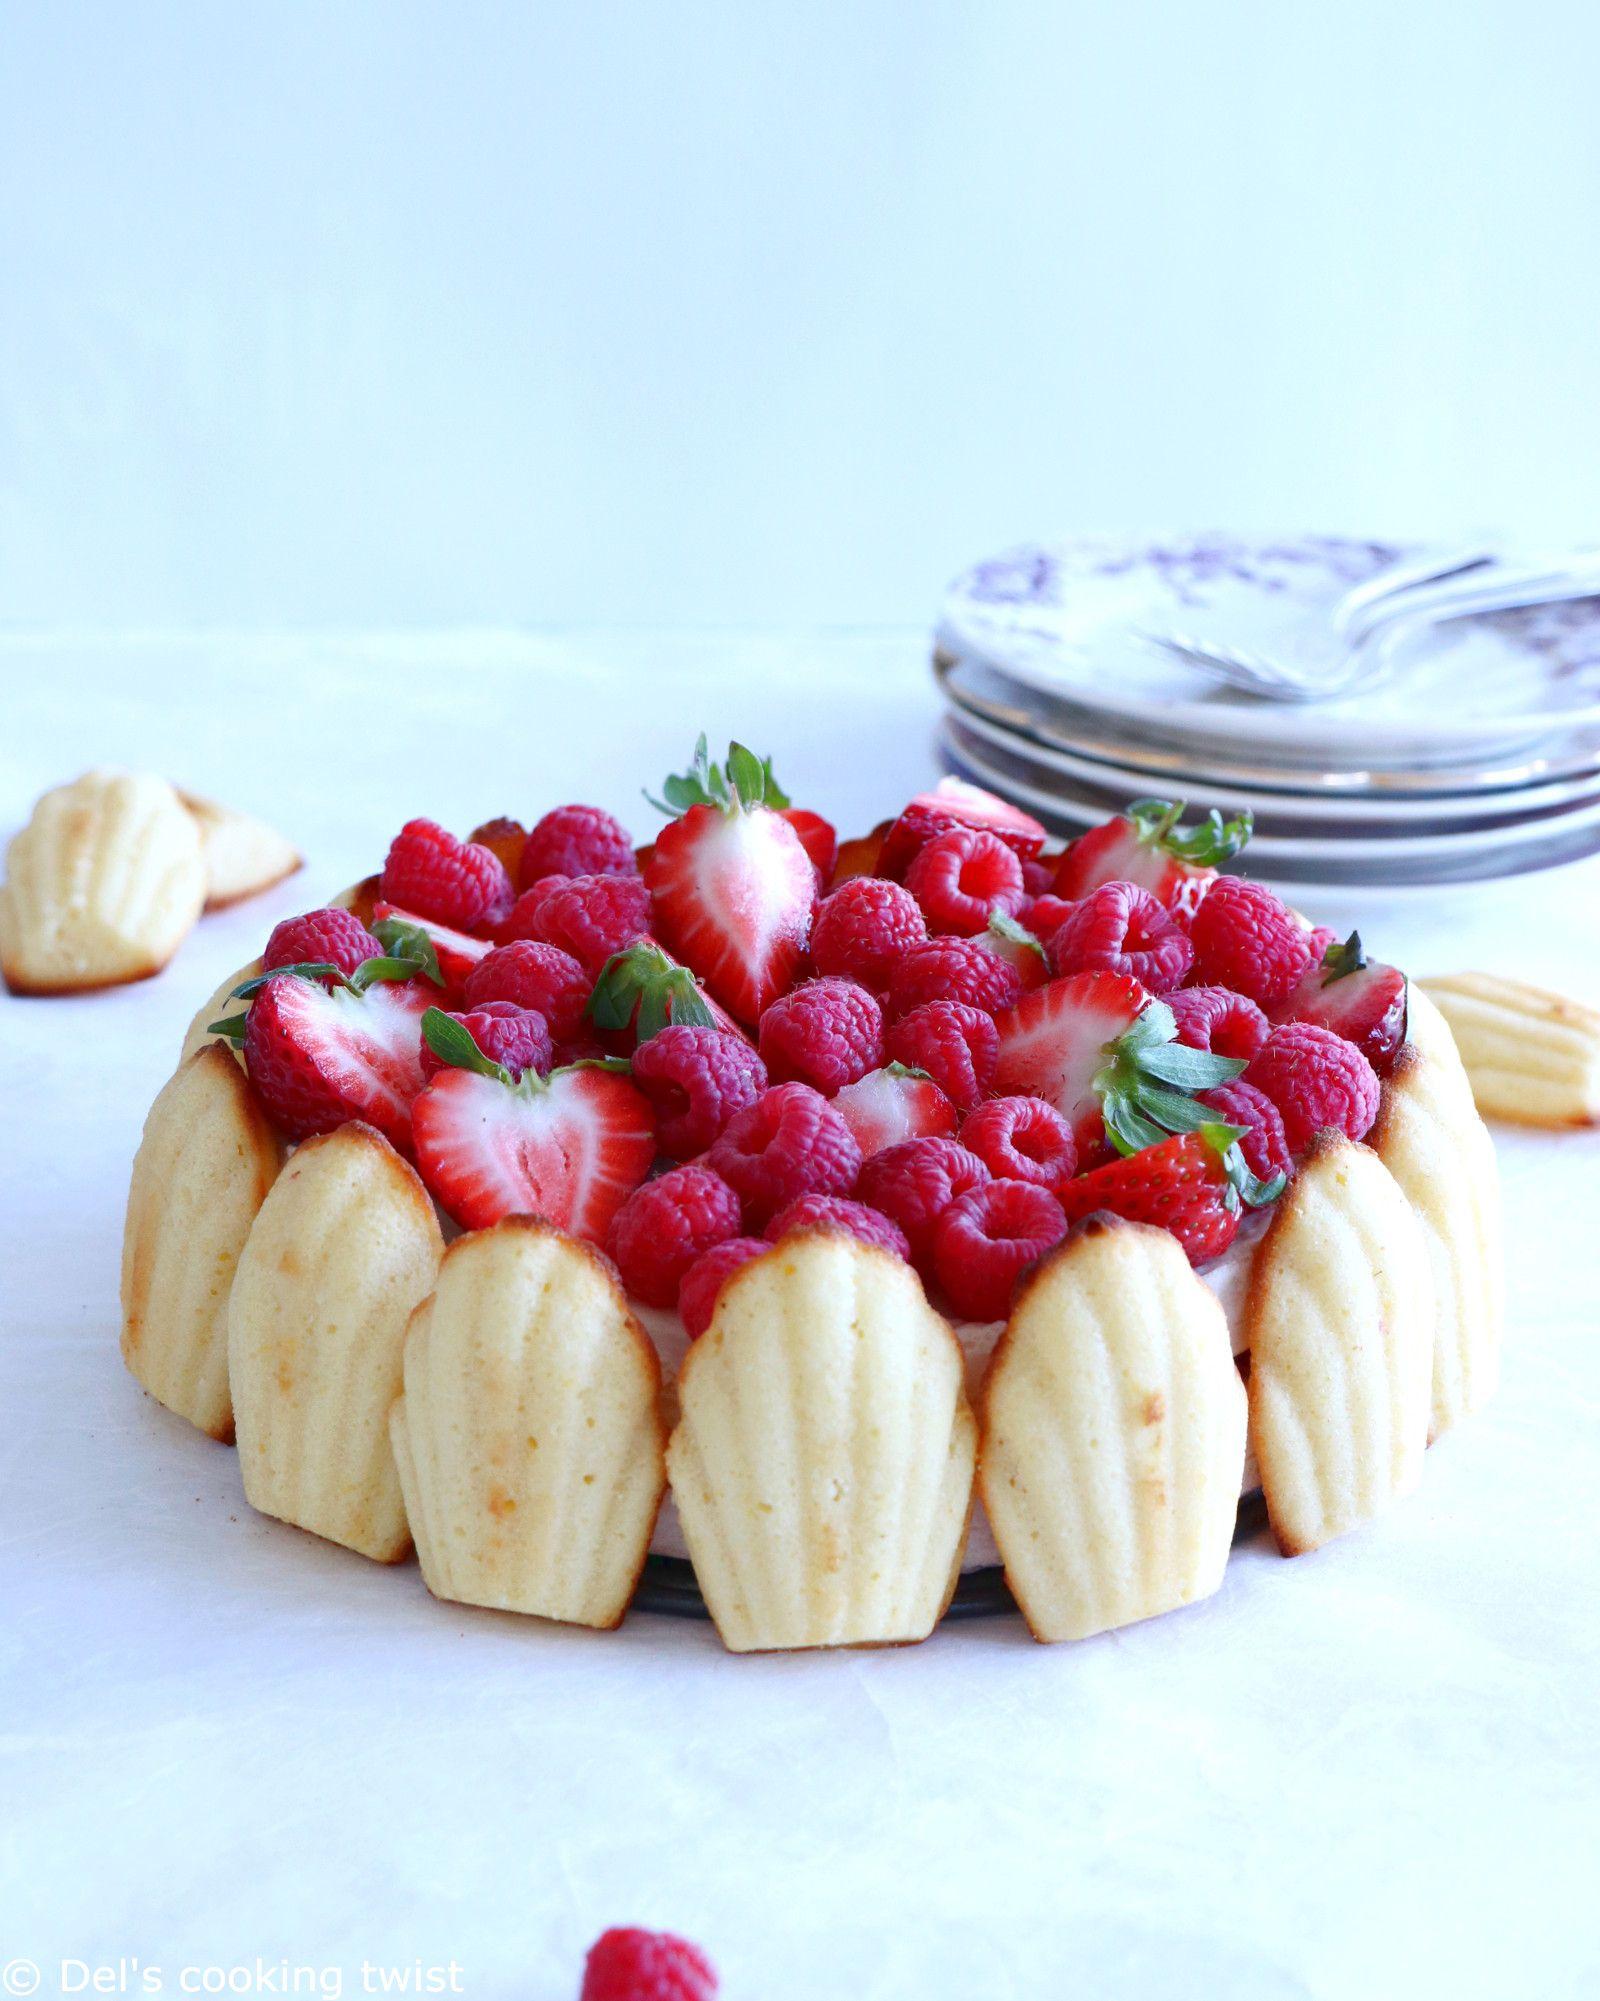 Jeux de charlotte aux fraises cuisine gateaux - Jeux de charlotte aux fraises cuisine gateaux ...